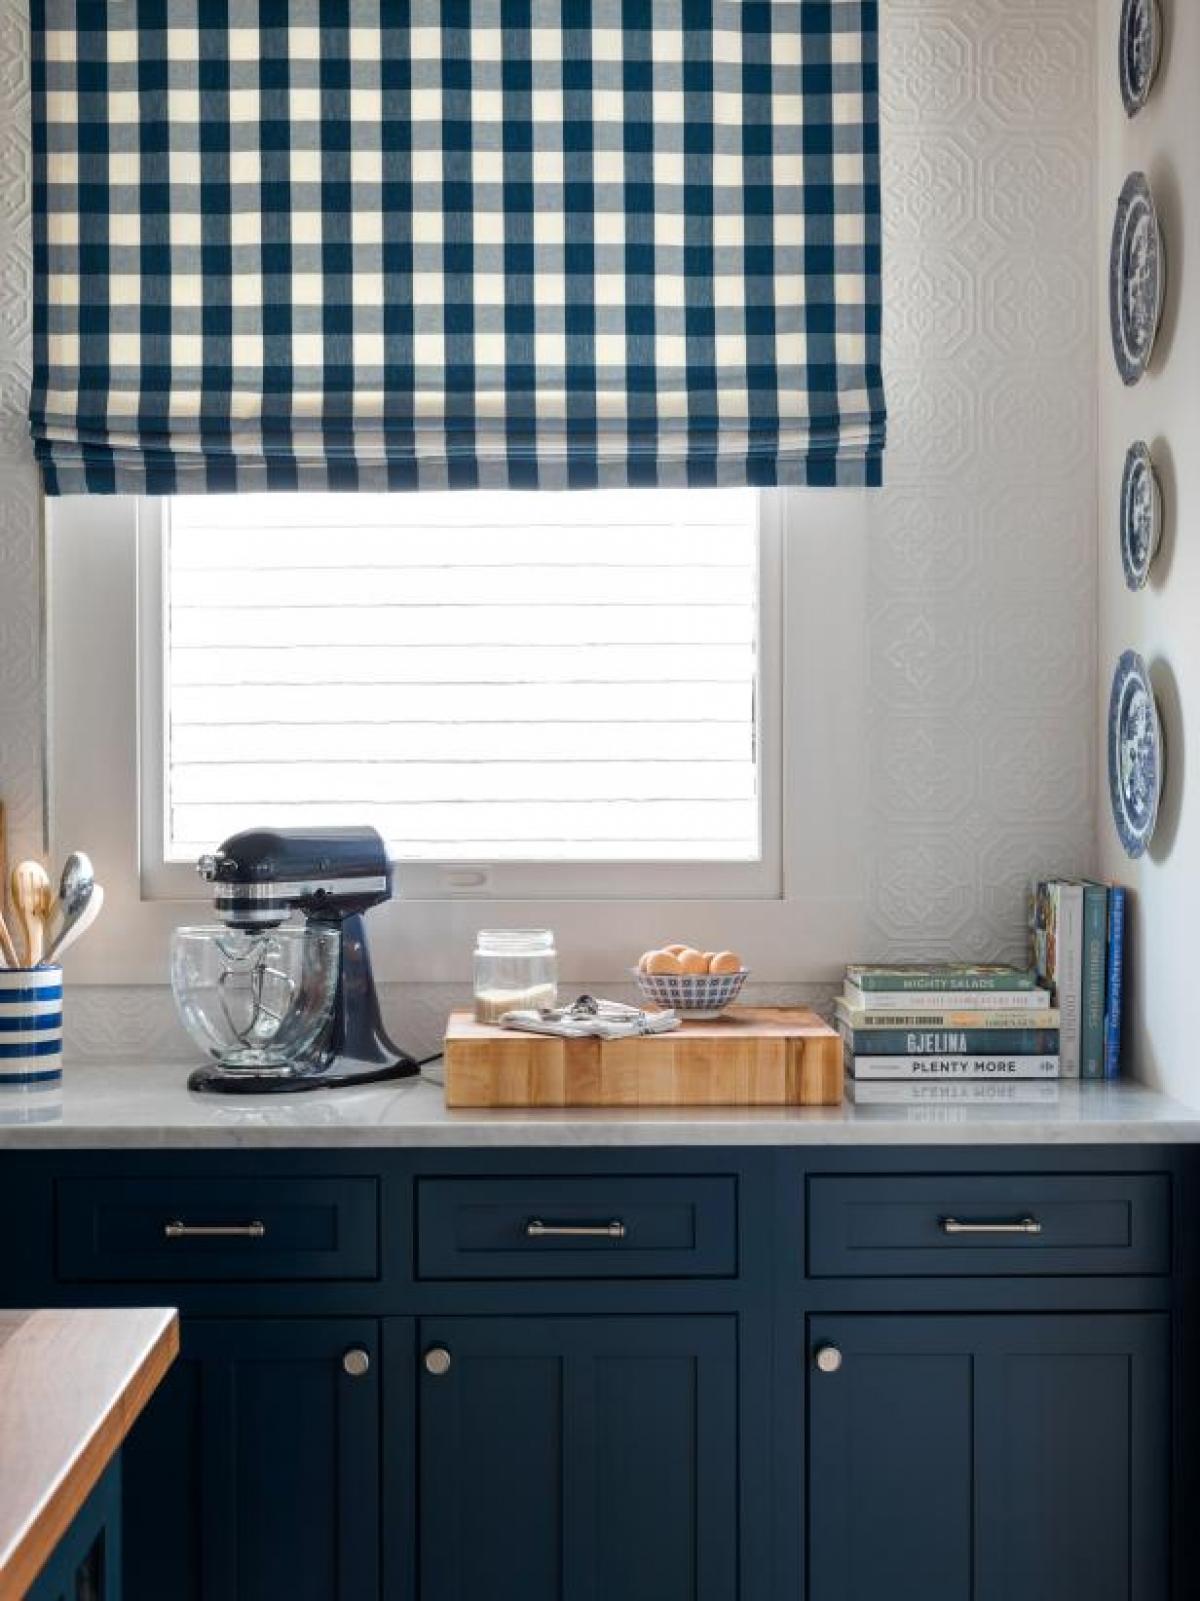 Sắp xếp theo chức năng: Phân loại không gian cho đồ dự trữ, đồ lau dọn và đồ nấu ăn. Nếu máy trộn của bạn đẹp và phù hợp với nội thất, bạn có thể để nó trên bàn và gắn bát tô dùng để trộn ở ngay dưới máy, nếu không, bạn cũng có thể cất nó cùng với những dụng cụ làm bánh khác.